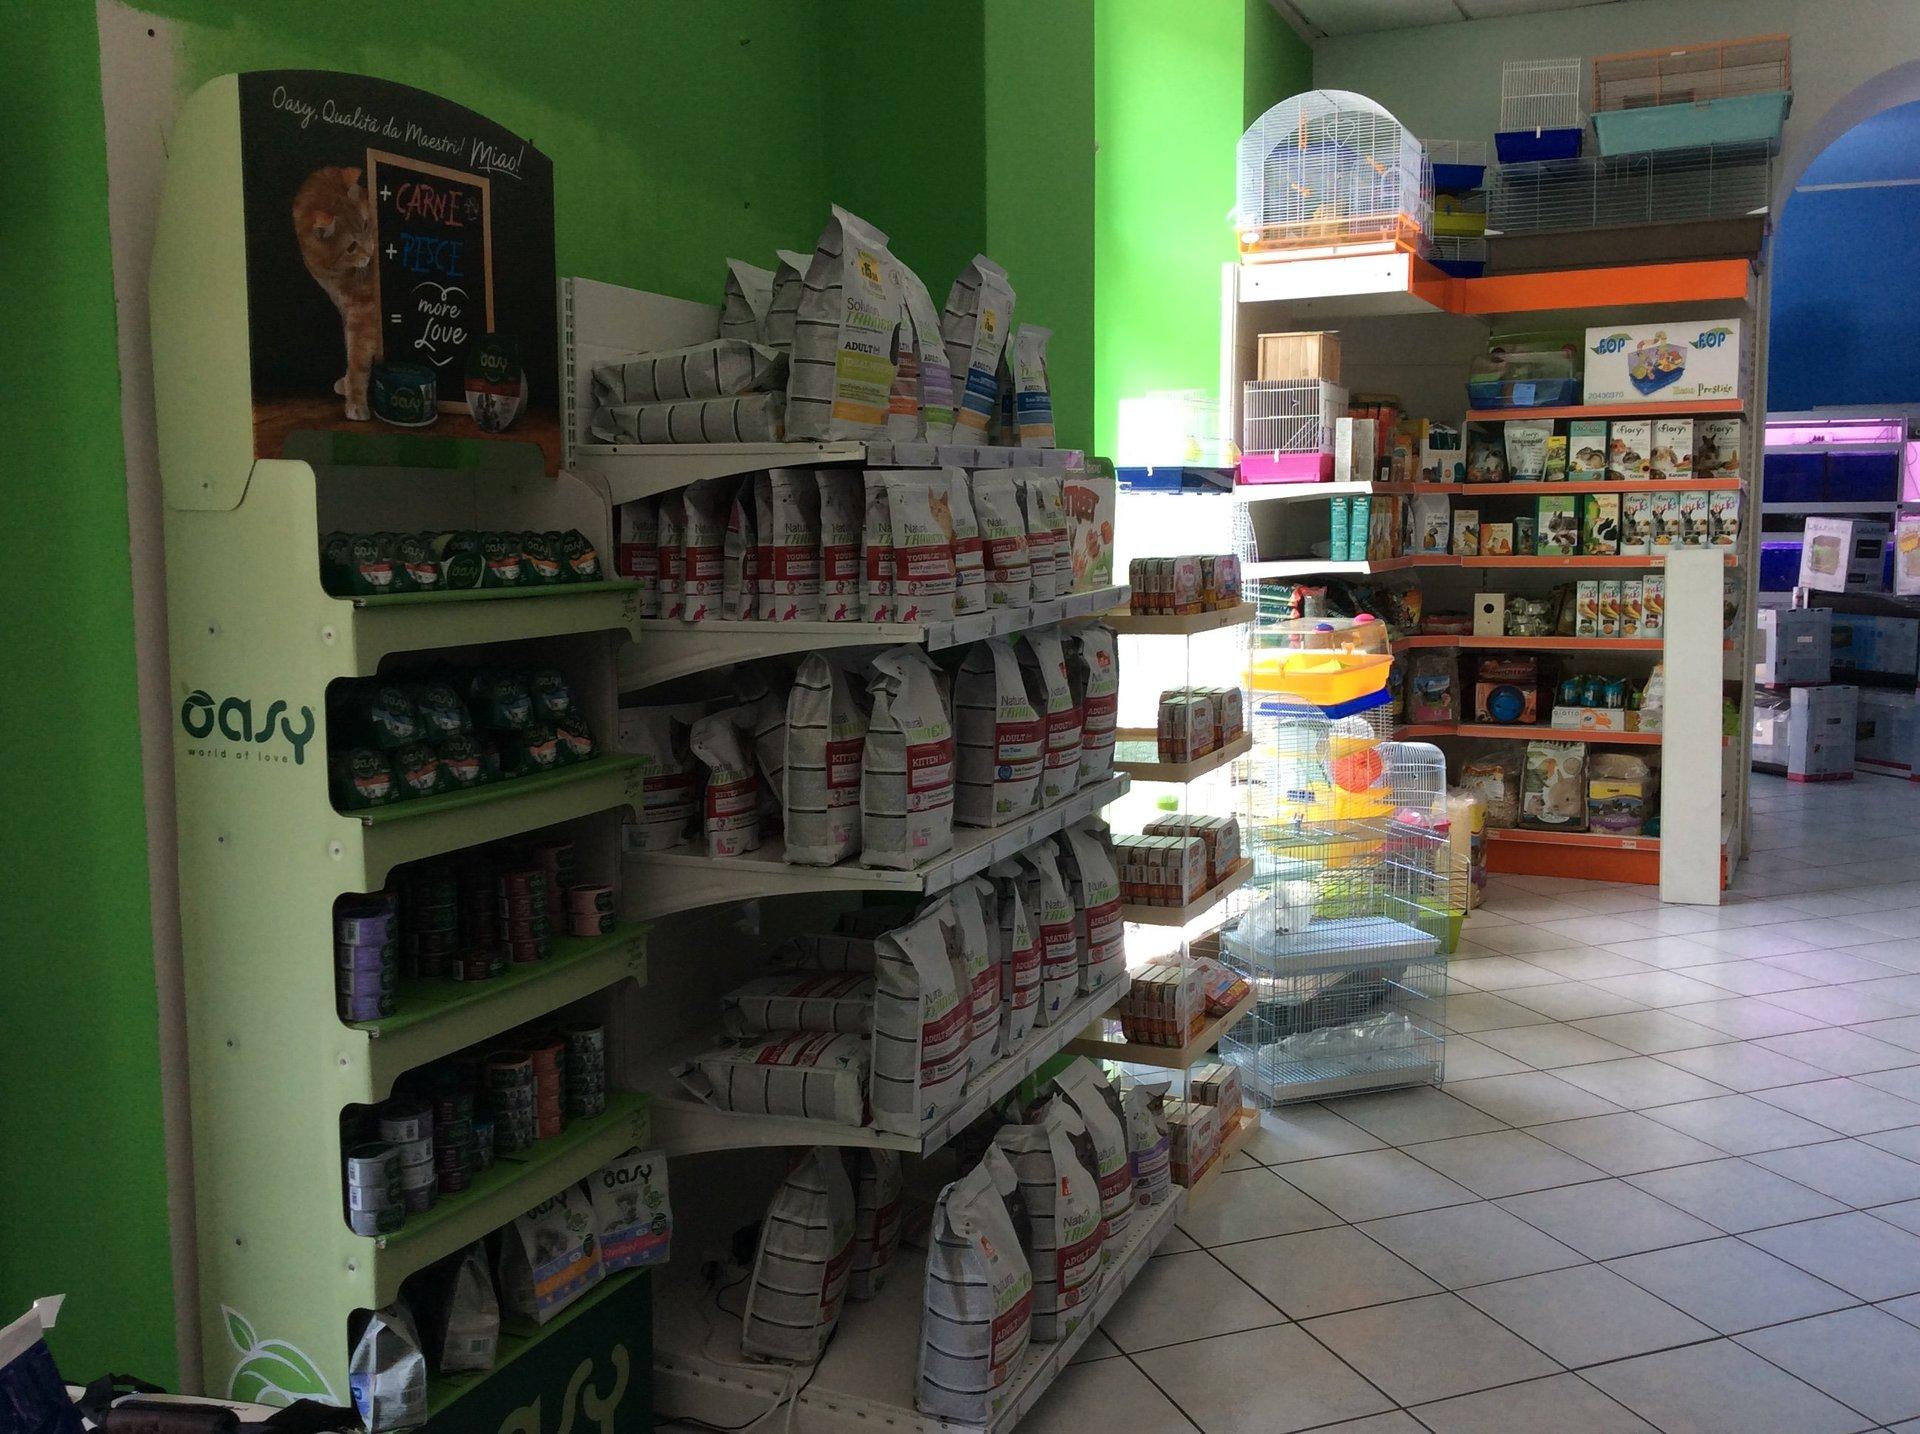 negozio di alimenti e accessori per animali domestici